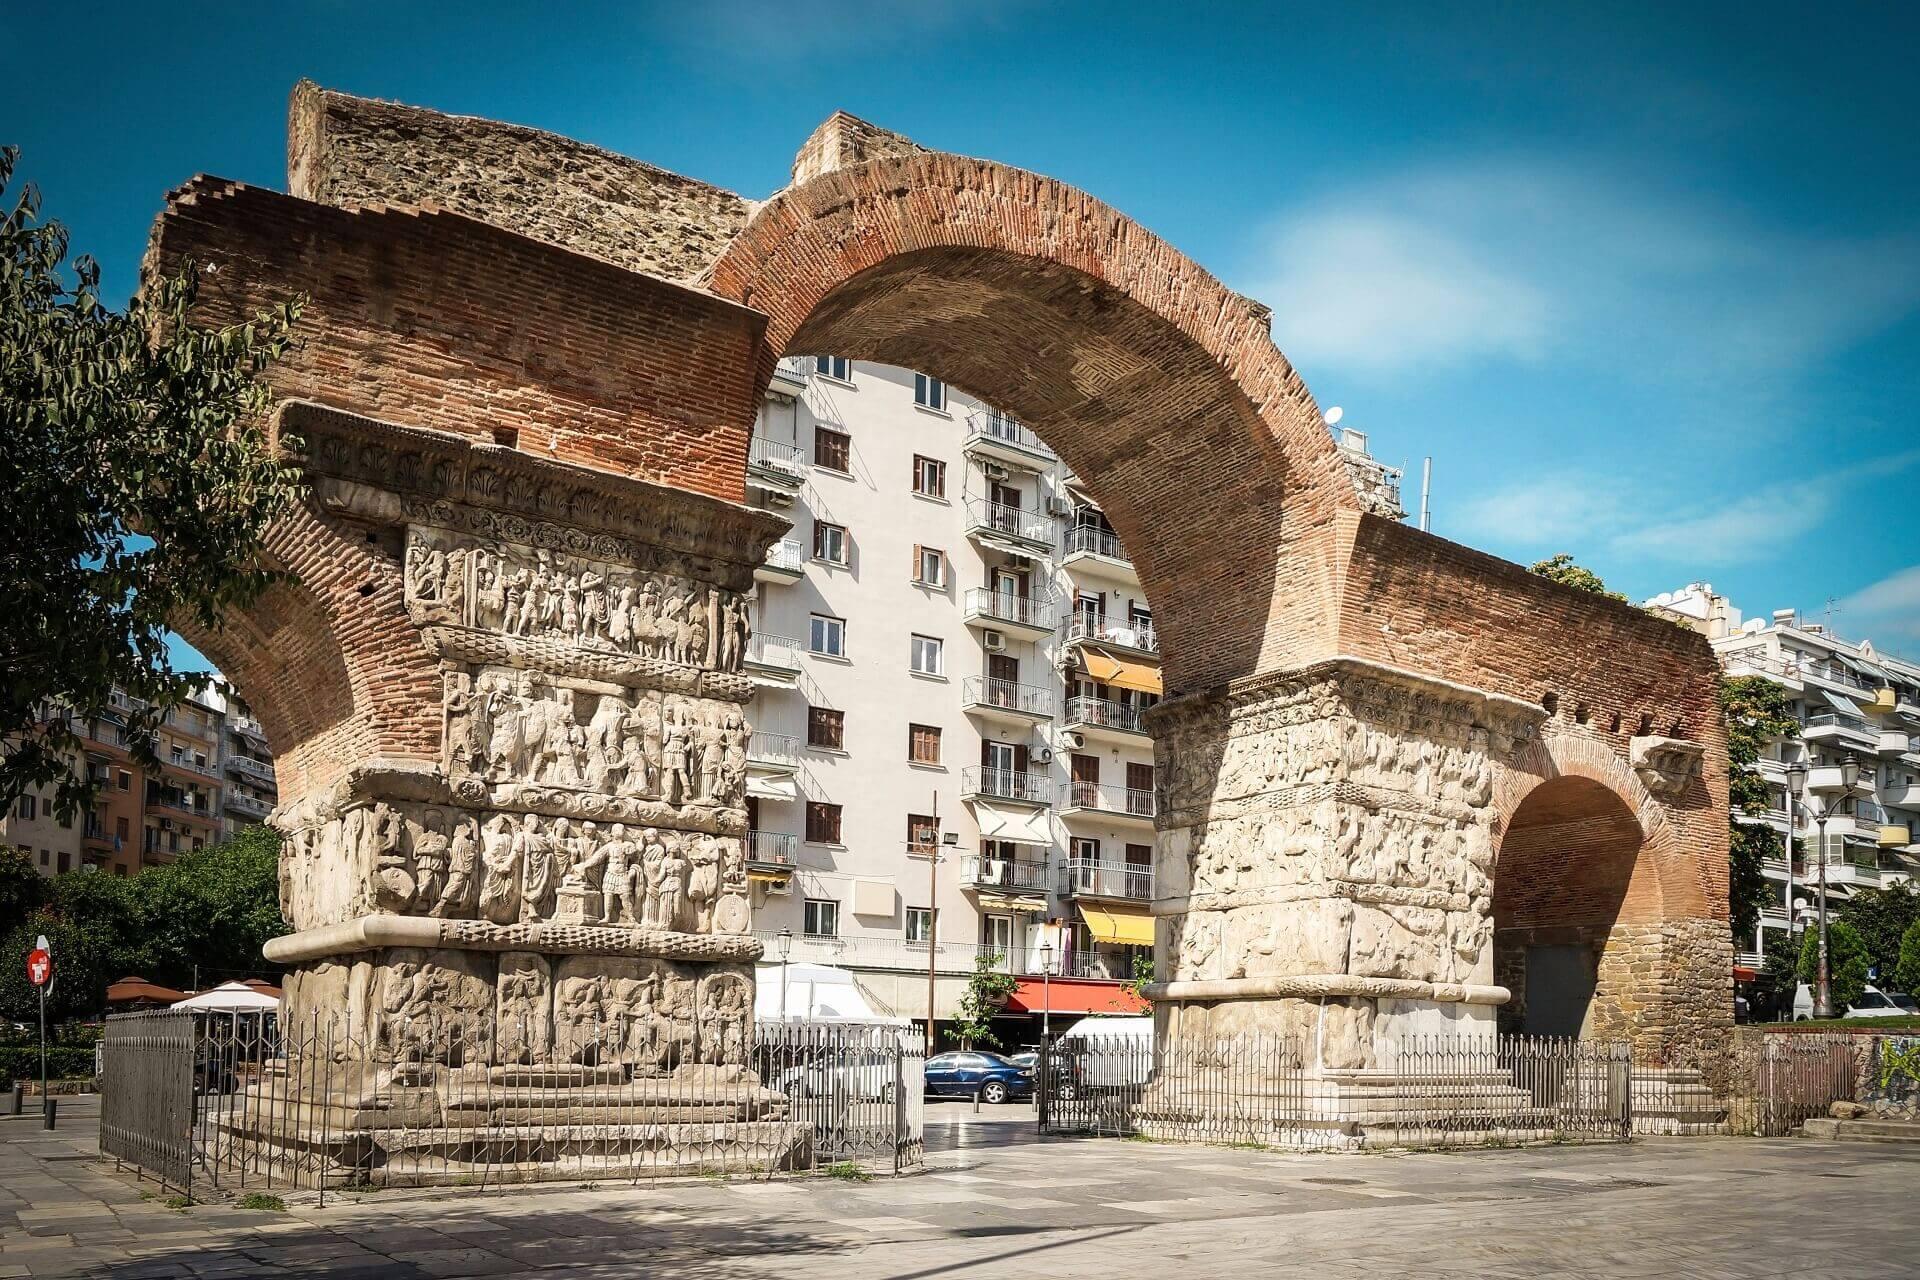 Αψίδα του Γαλέριου - Αρχαιολογικοί Χώροι Θεσσαλονίκης